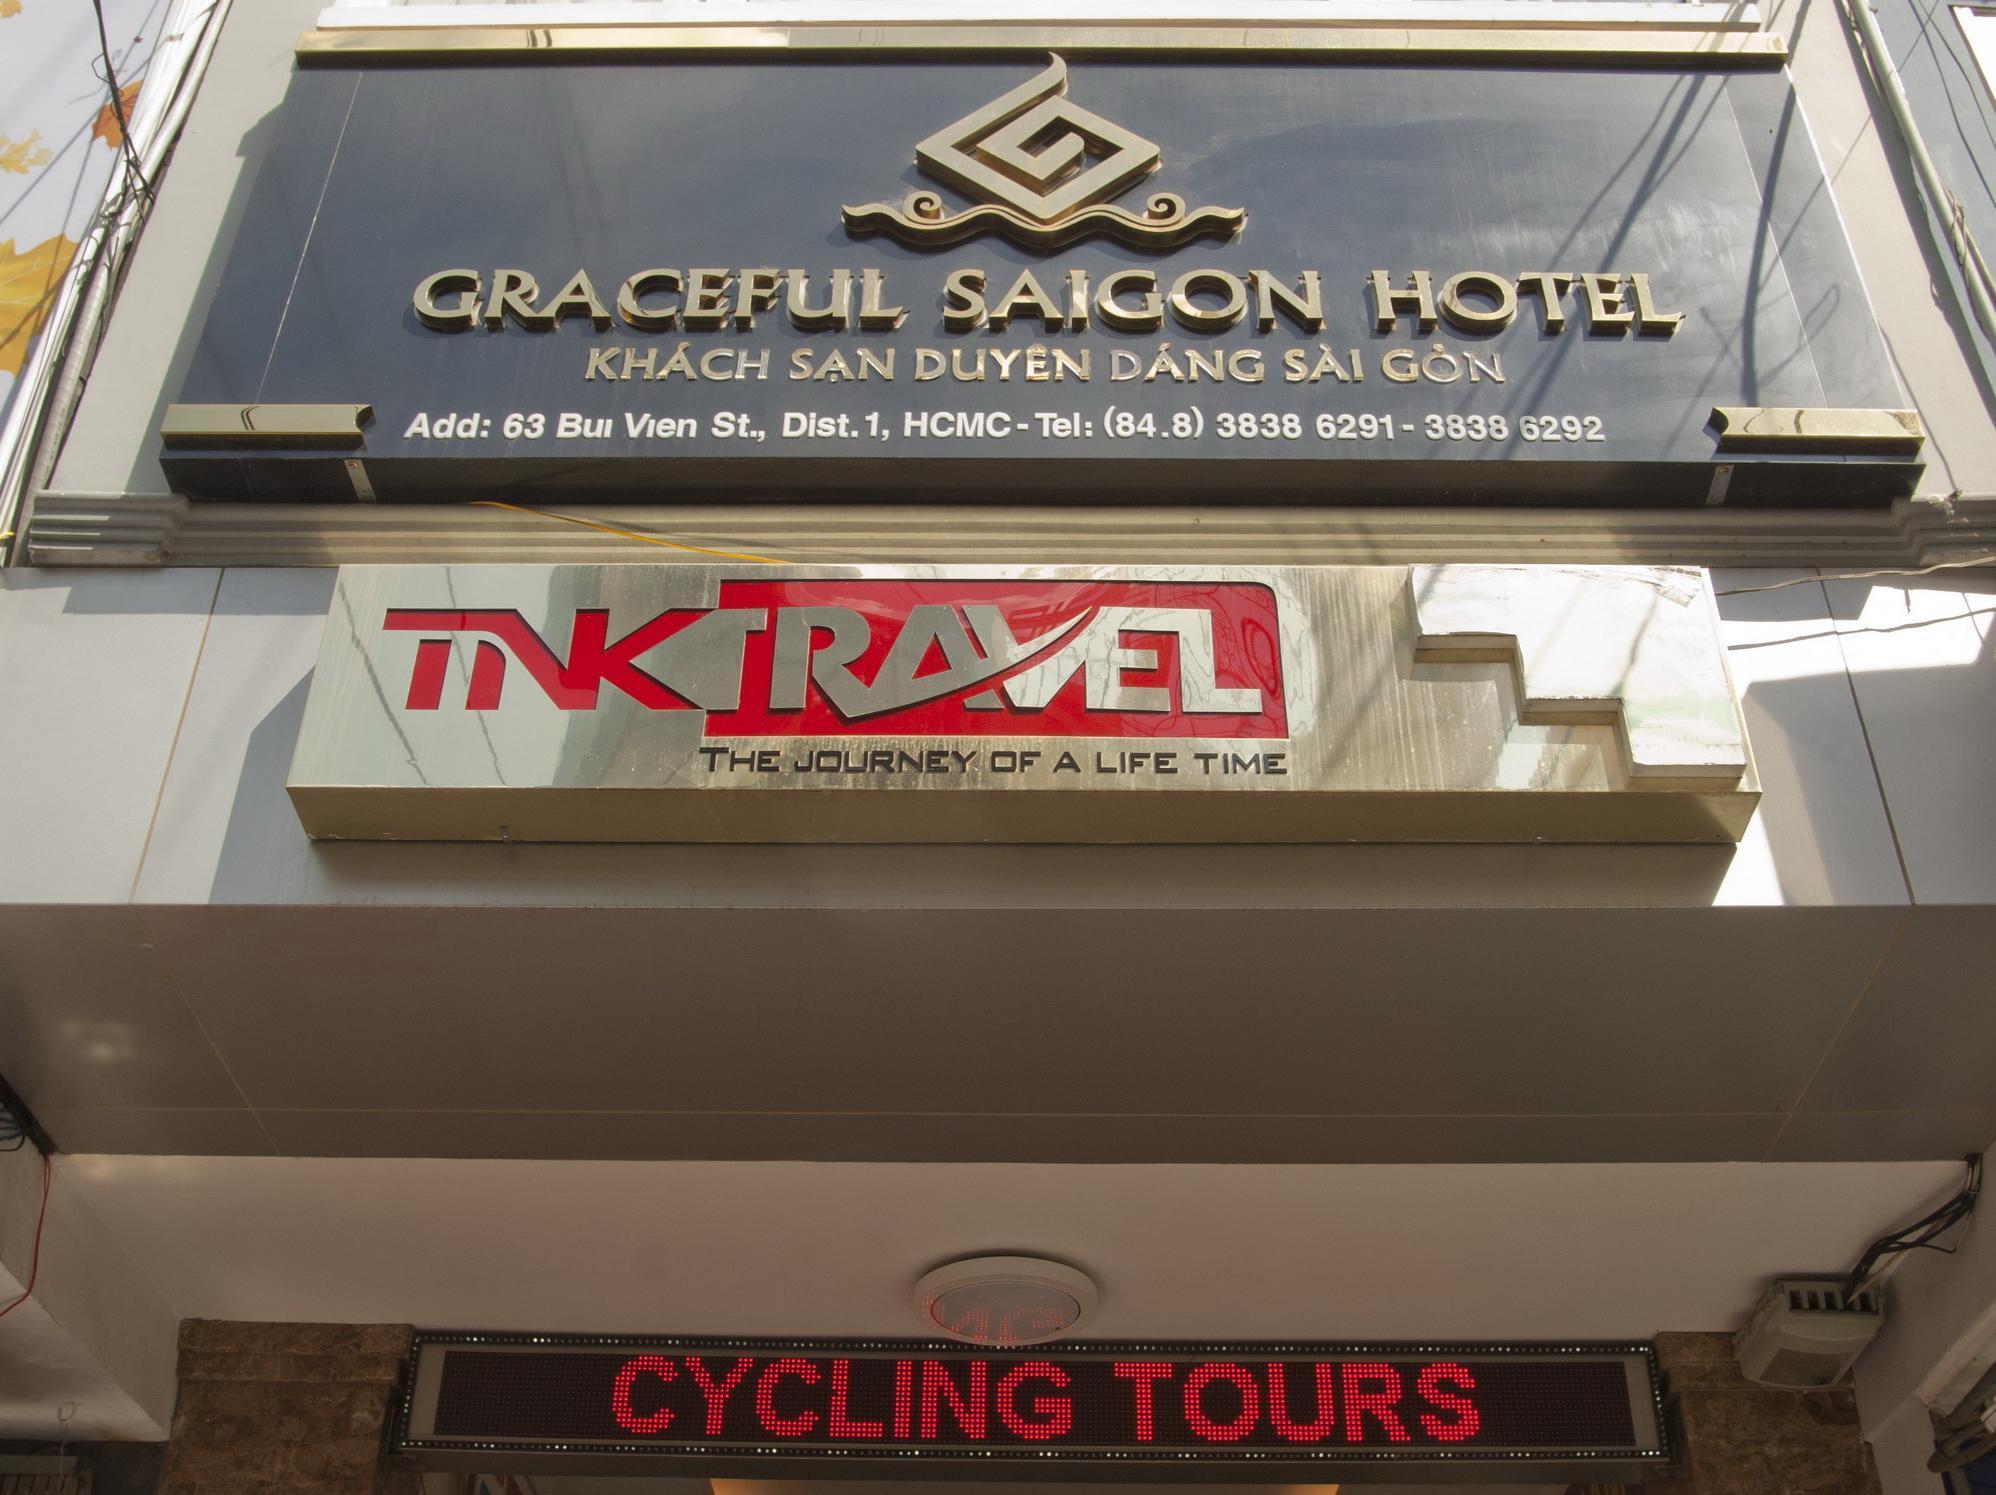 Graceful Saigon Hotel - Hotell och Boende i Vietnam , Ho Chi Minh City